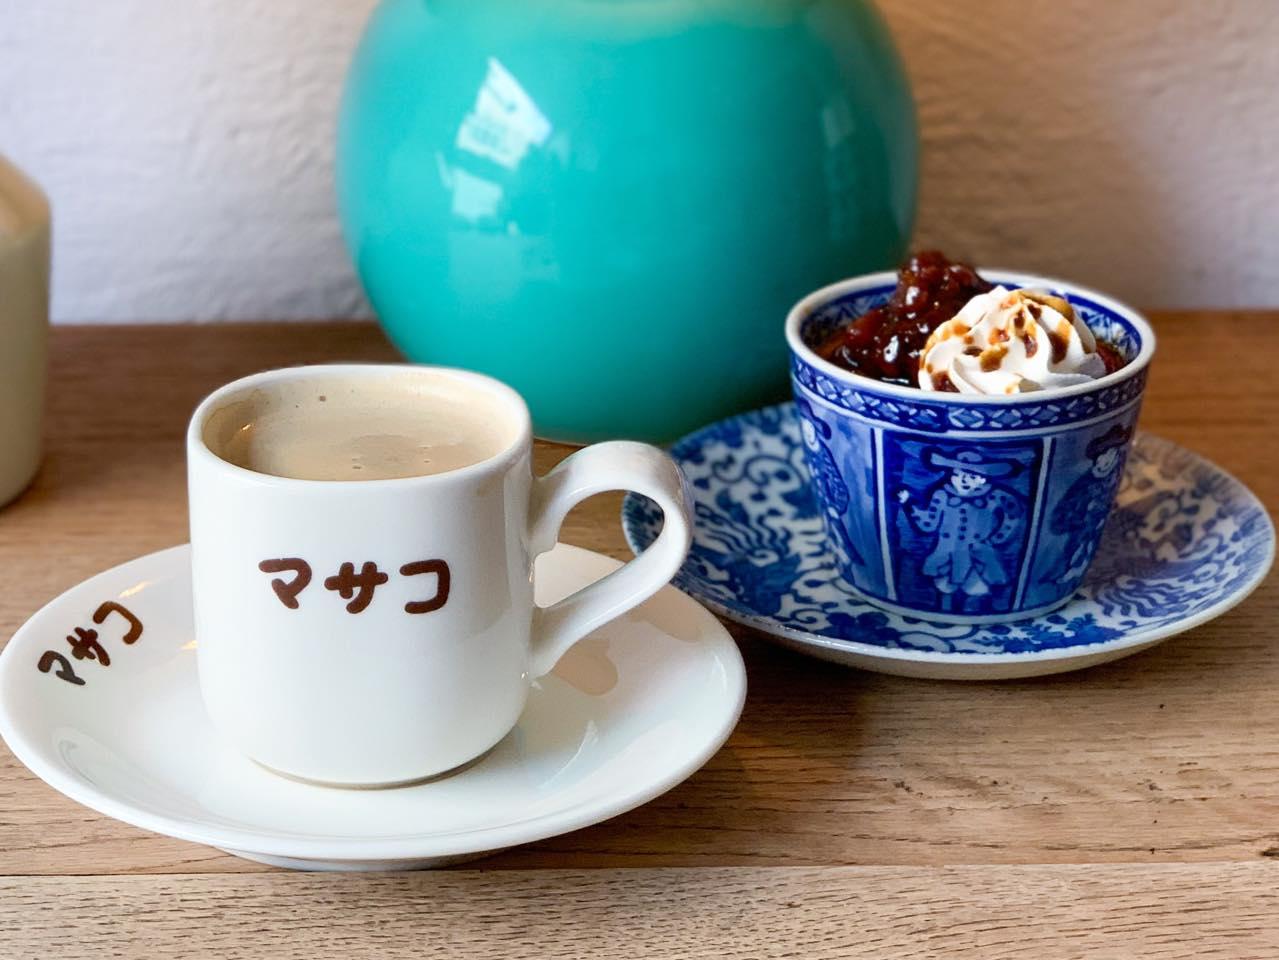 左:「カフェオレ(HOT)」770円 右:「黒蜜と小豆の和風プリン」660円